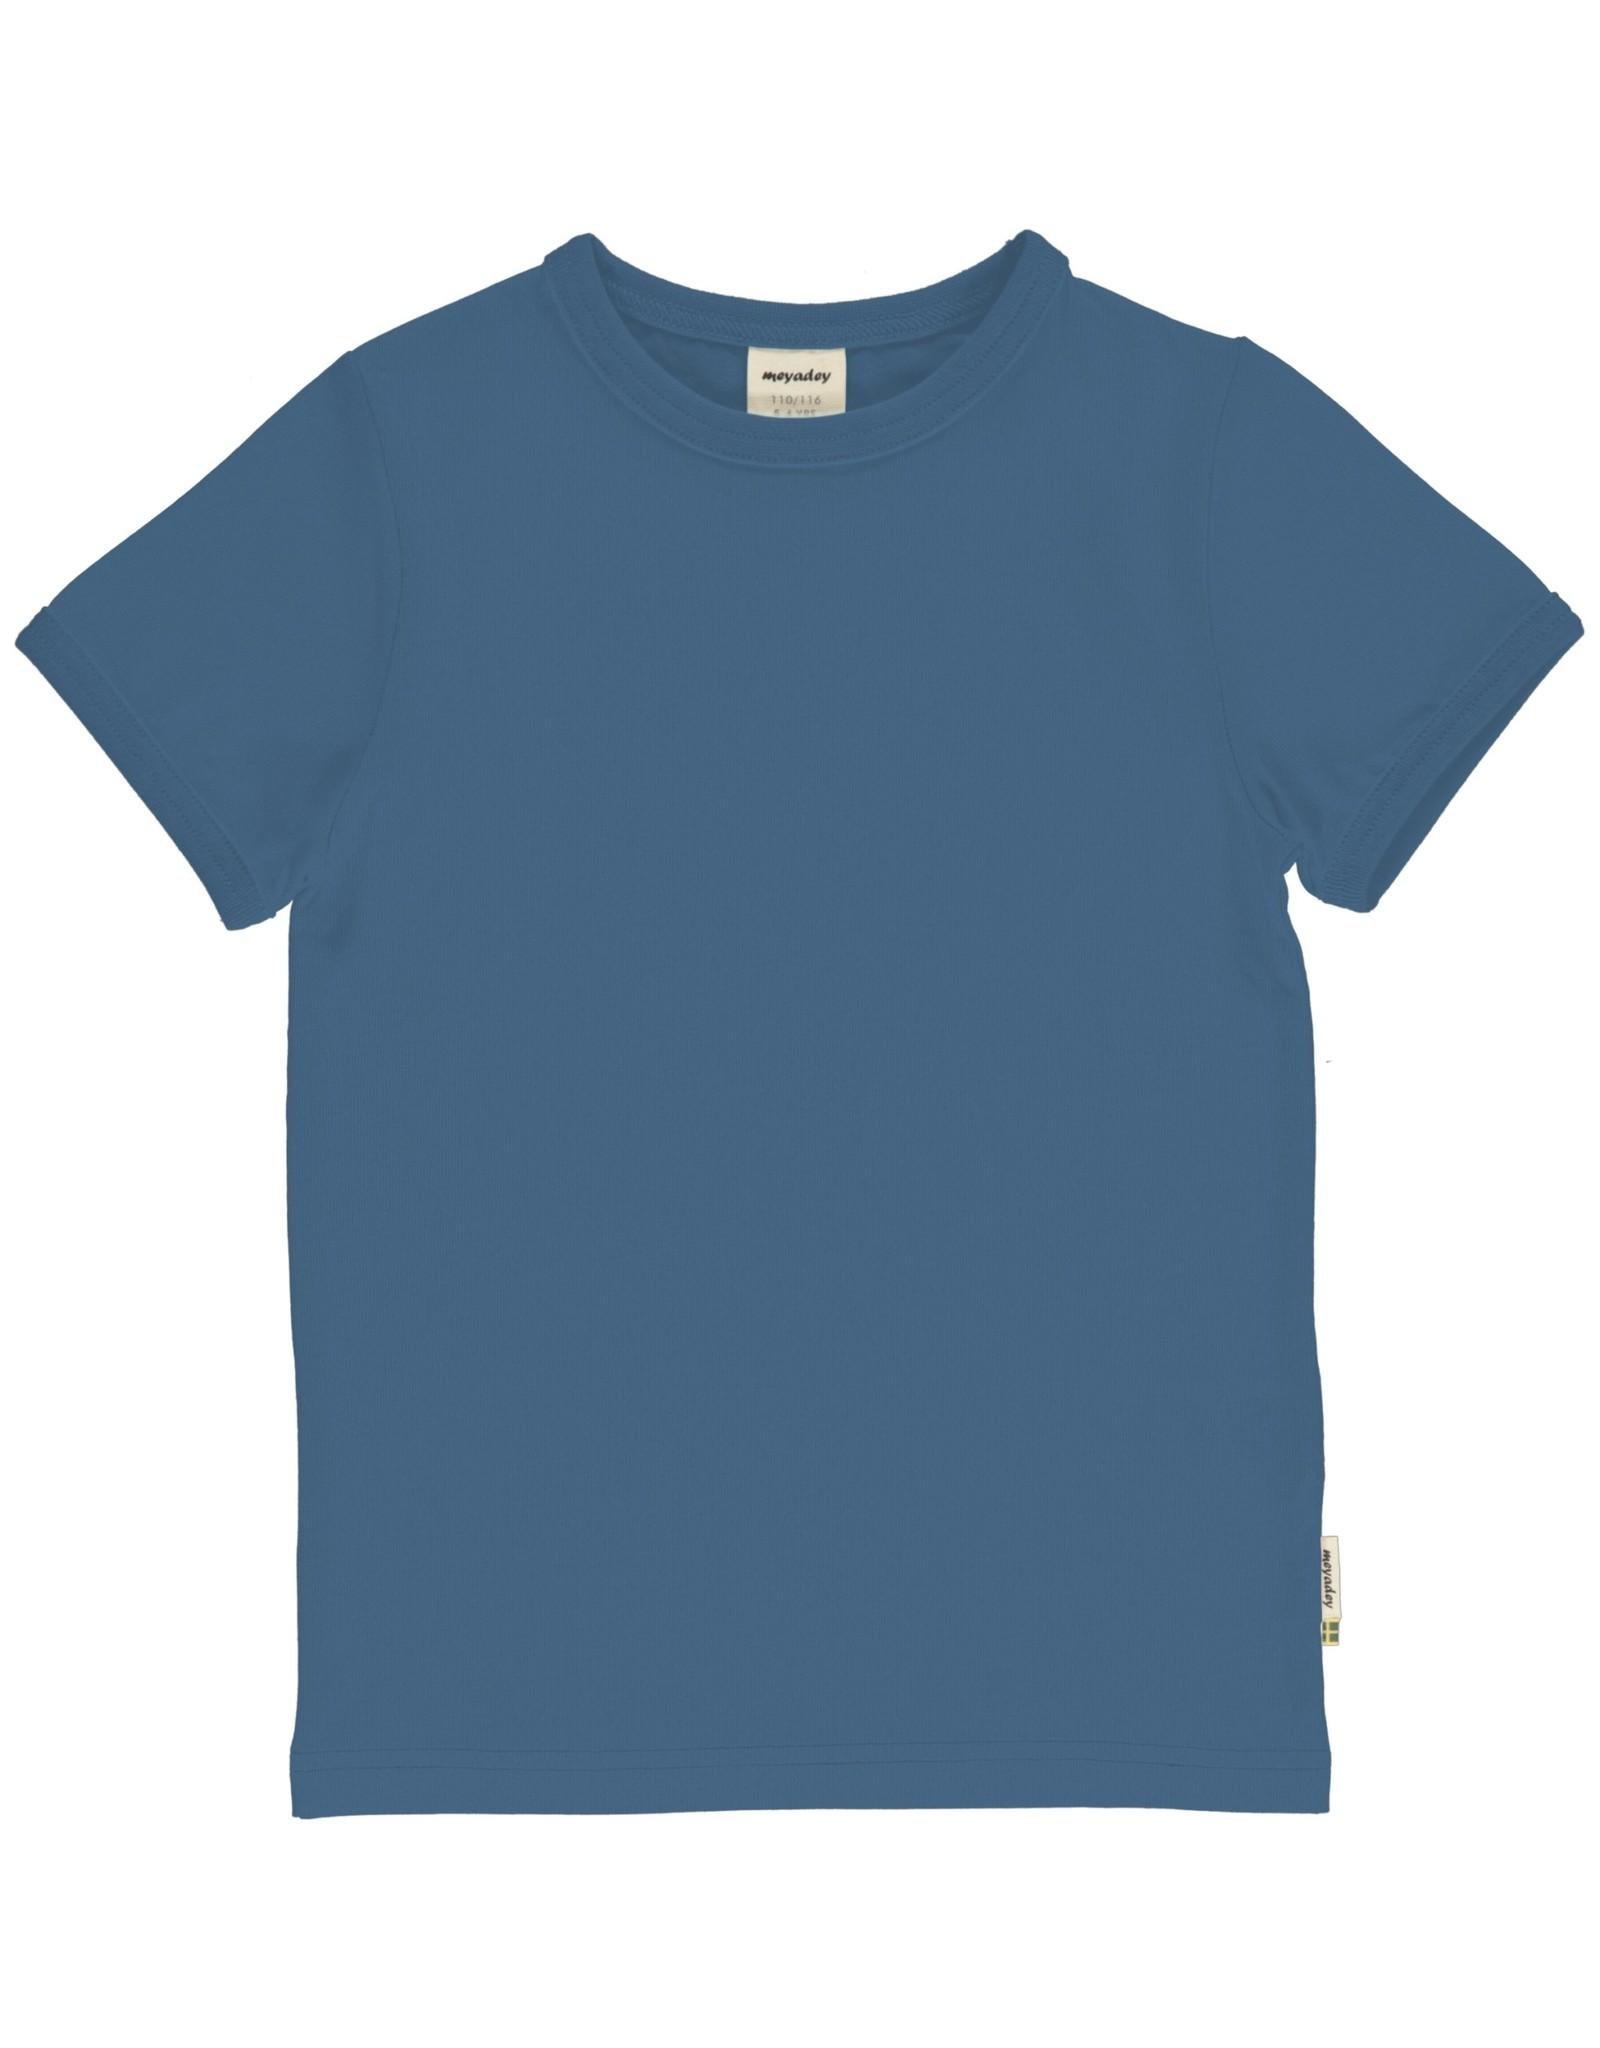 Meyadey Zachtblauwe basic t-shirt